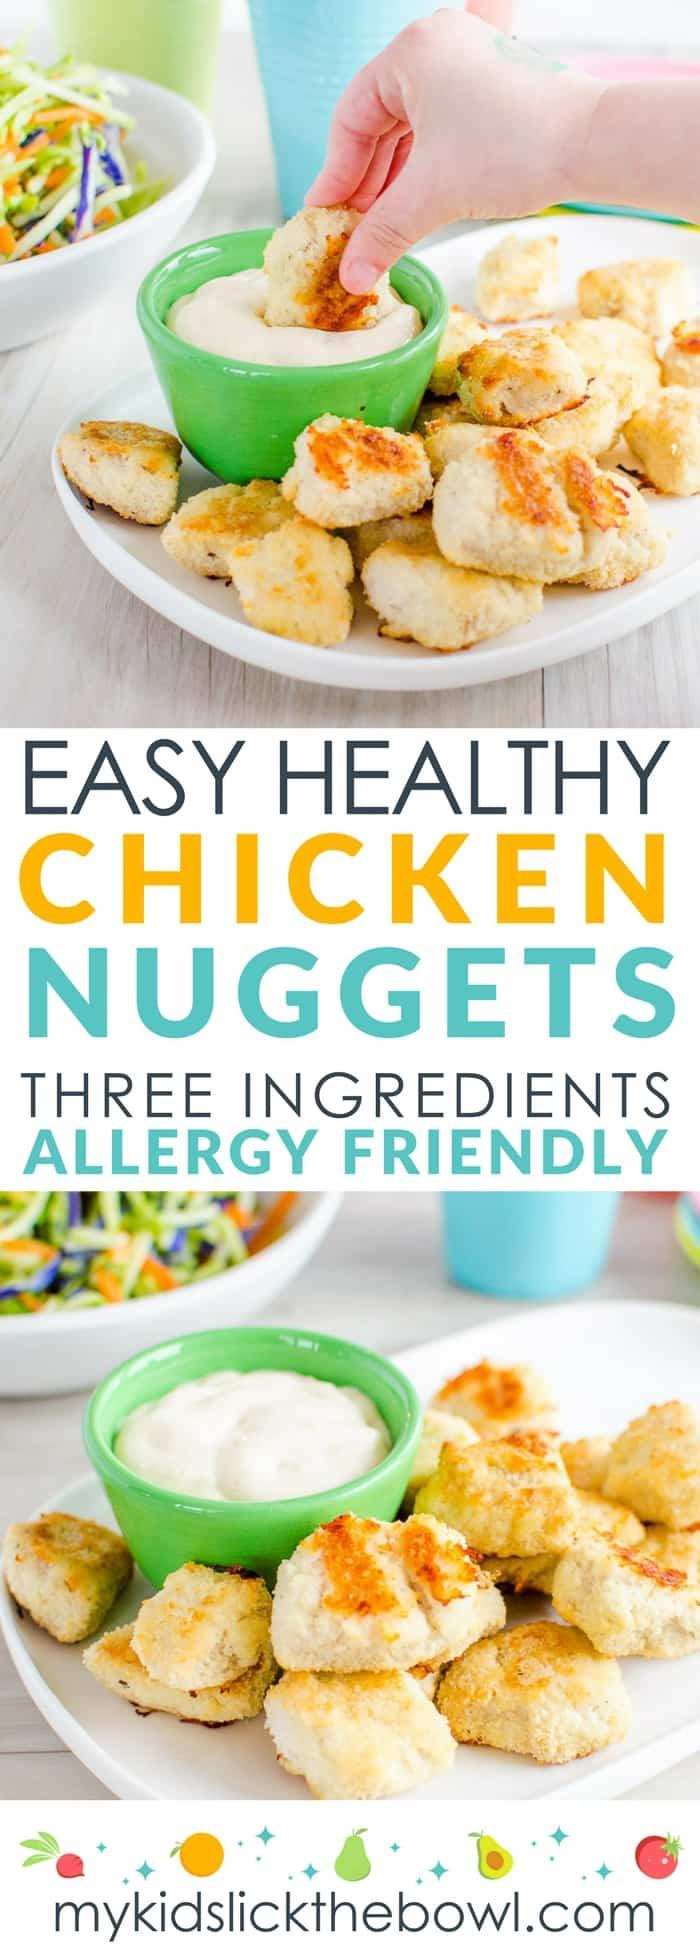 Healthy Kid Friendly Chicken Recipes  Easy Healthy Chicken Nug s